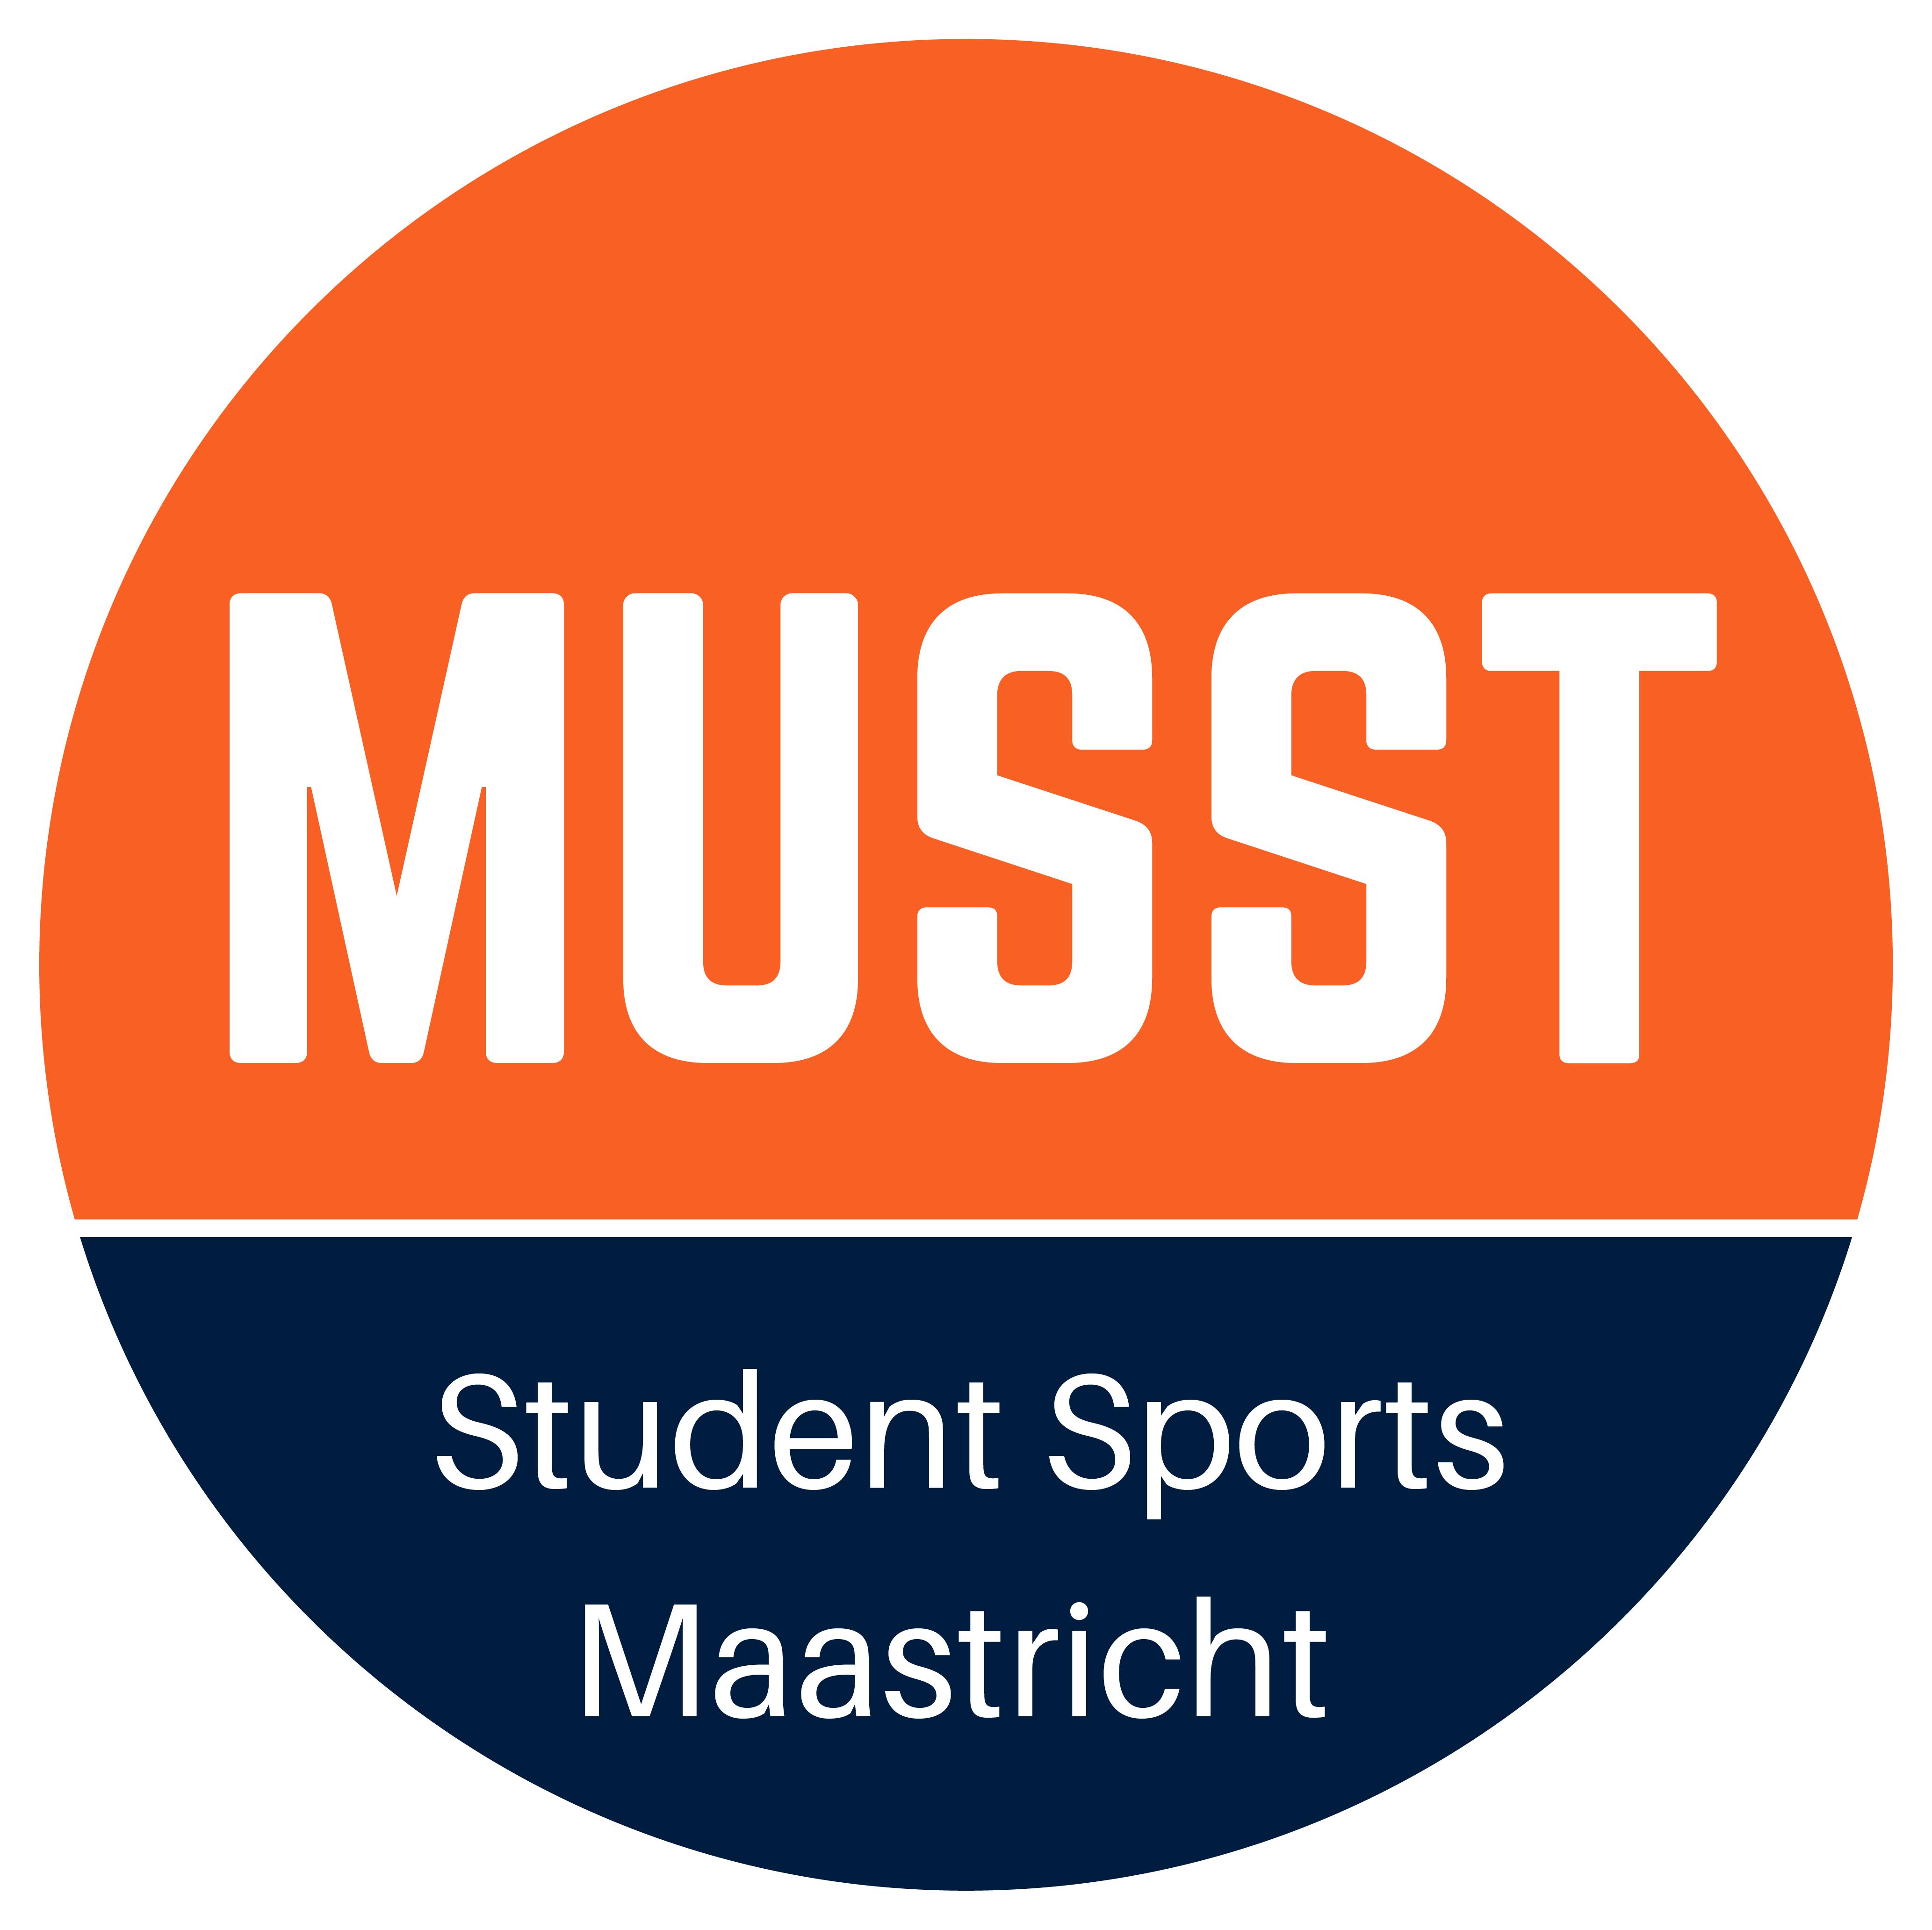 MUSST